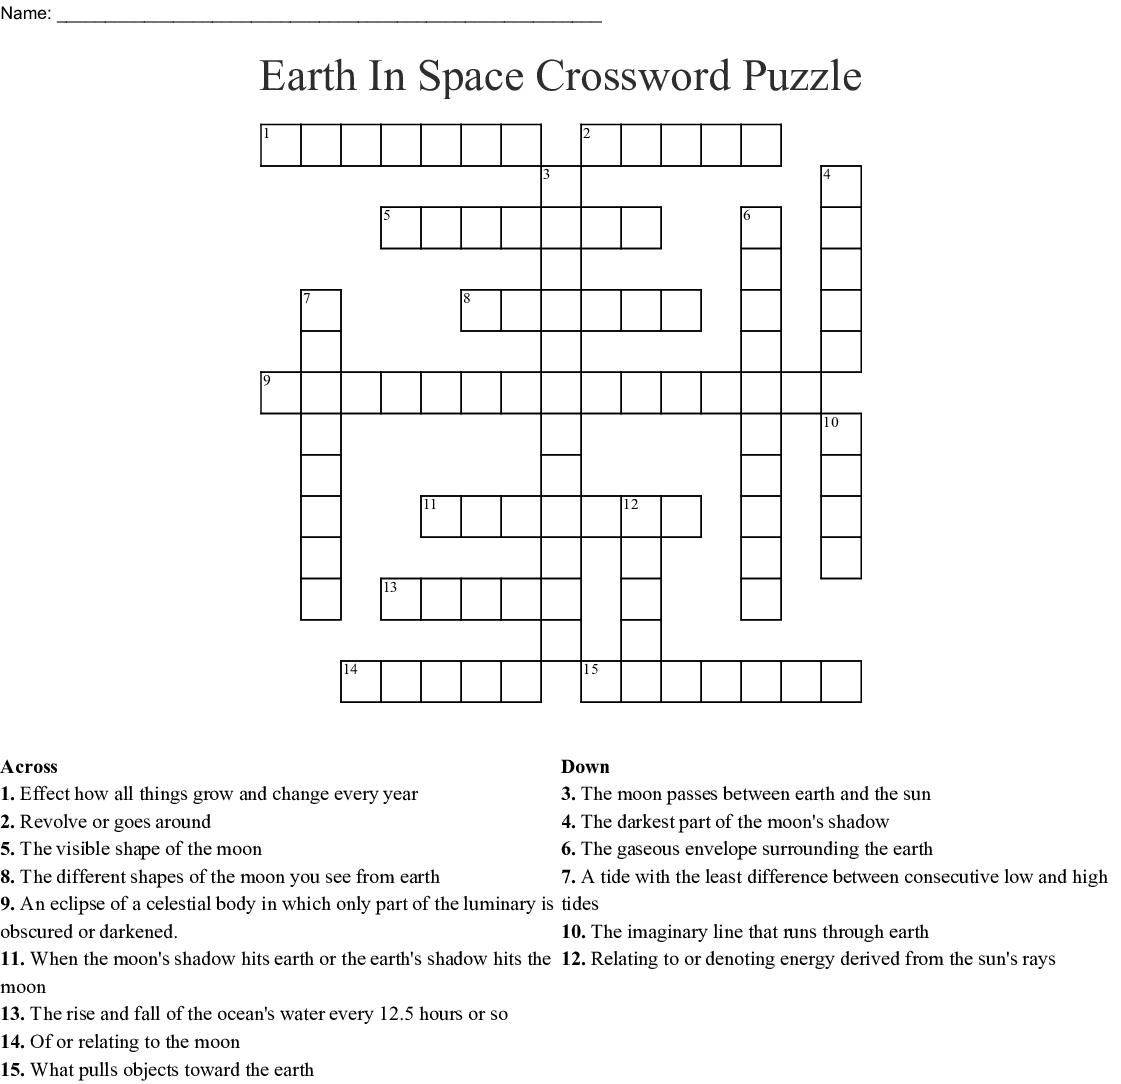 Earth In Space Crossword